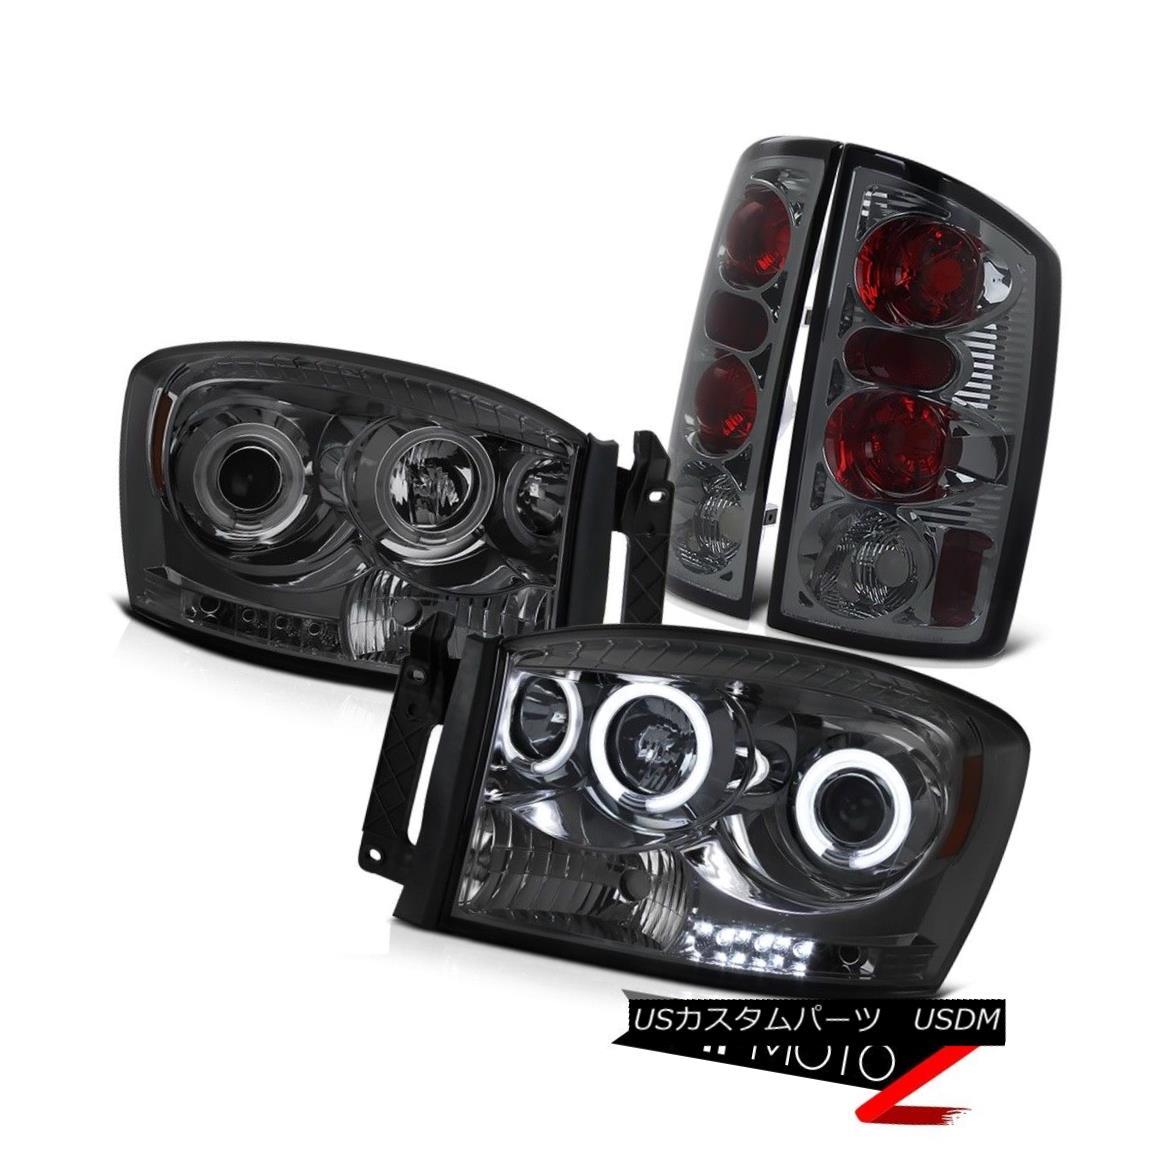 テールライト L+R CCFL Angel Eye Projector Headlight+Smoke LED Tail Light 2006 Dodge RAM 1500 L + R CCFLエンジェルアイプロジェクターヘッドライト+スモーク e LEDテールライト2006 Dodge RAM 1500